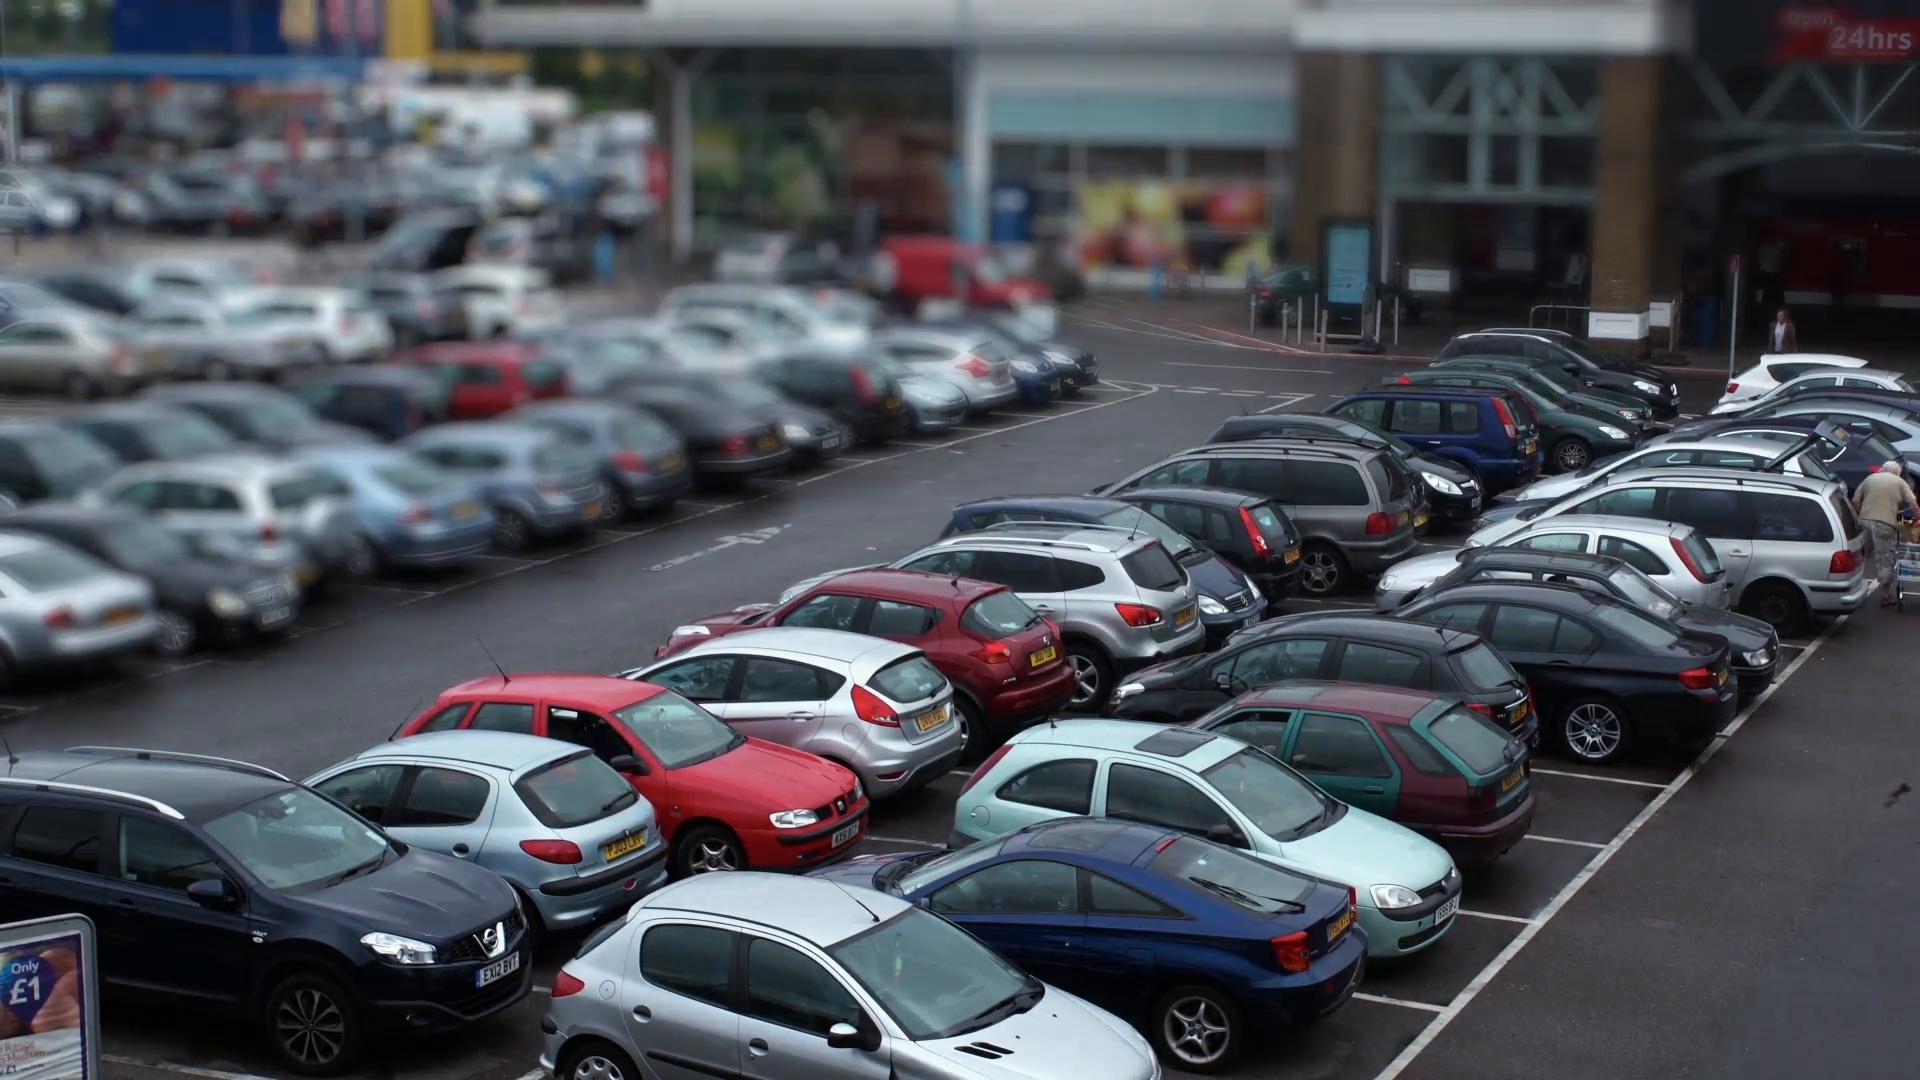 Supermarket Parking lot - Timelapse_Tiltshift v2 Stock Video Footage -  VideoBlocks - Parking Lot PNG HD